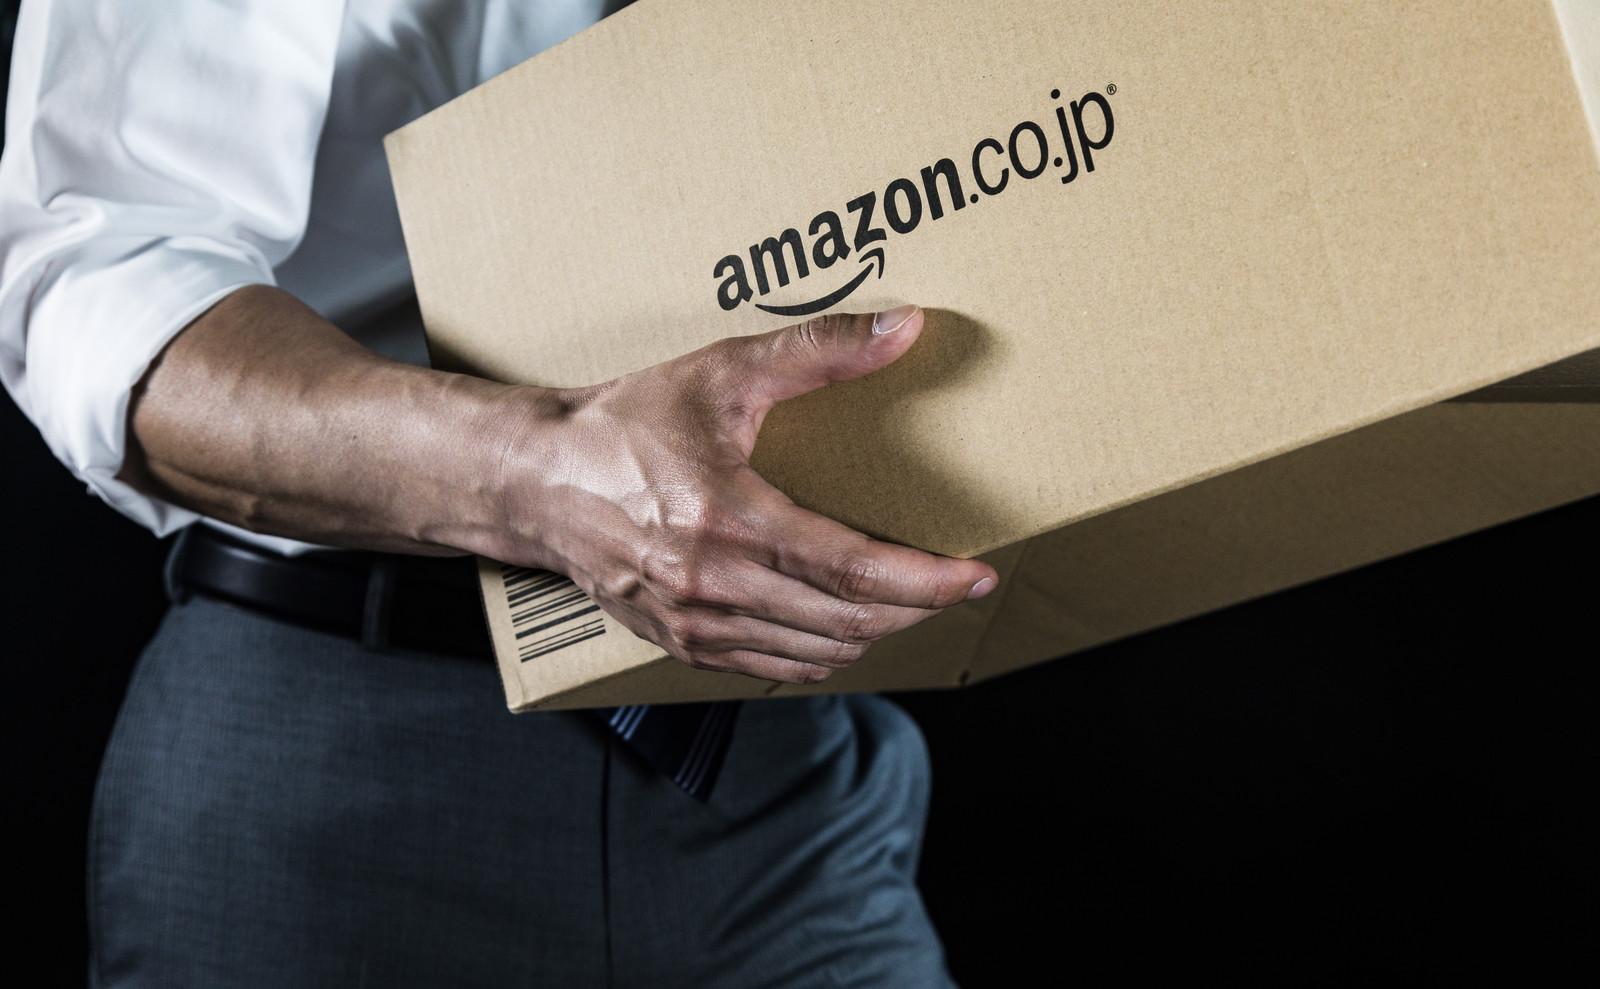 Amazon輸出で売れない商品を抱えてしまう原因とその末路